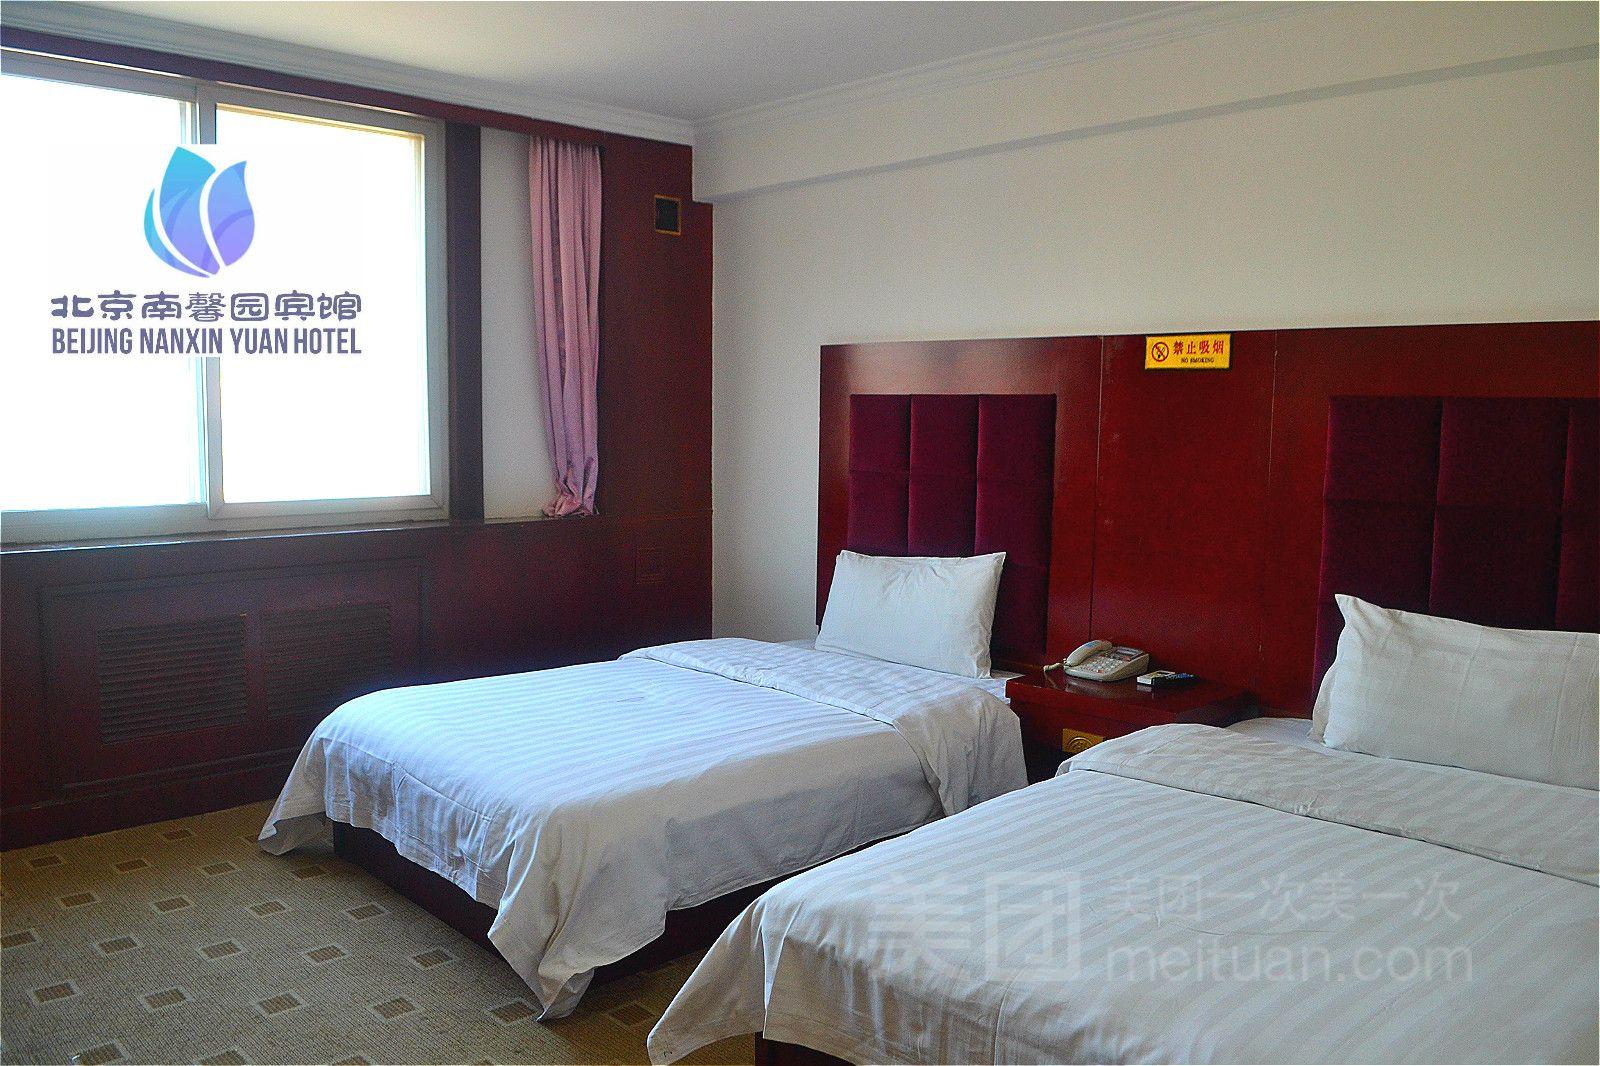 北京南馨园宾馆预订/团购